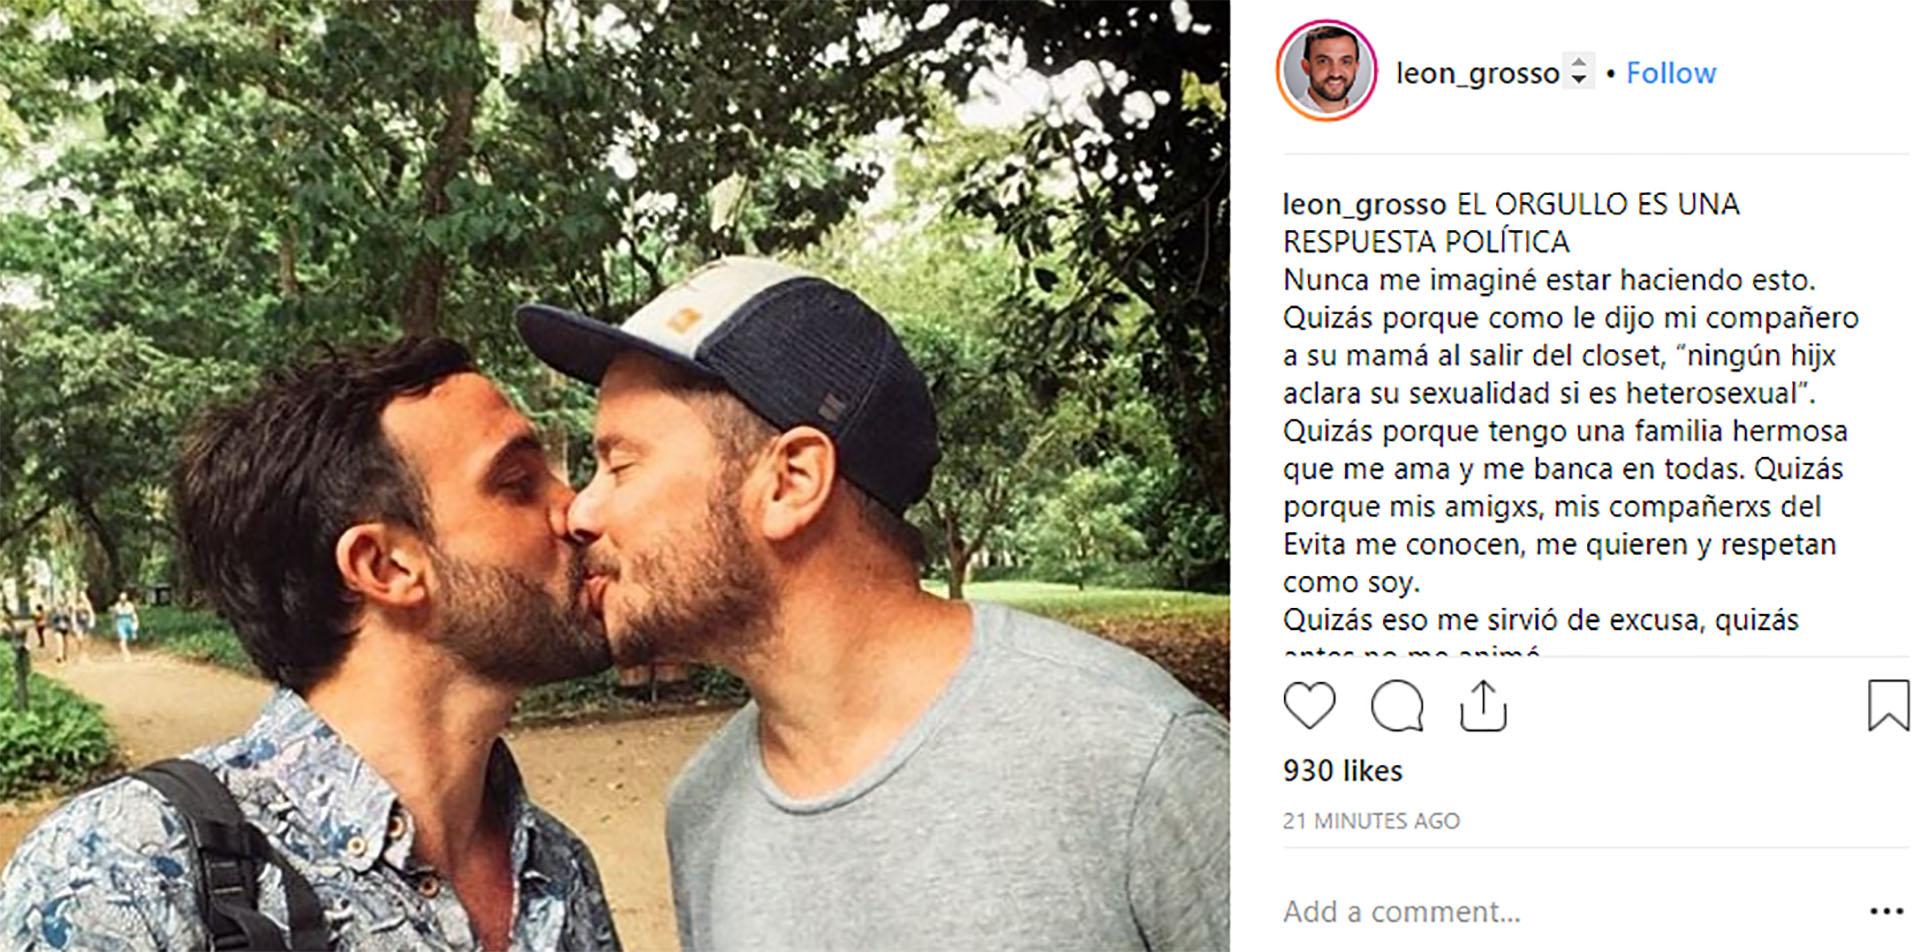 El posteo de Grosso cuando dio conocer que es gay (@leon_grosso)